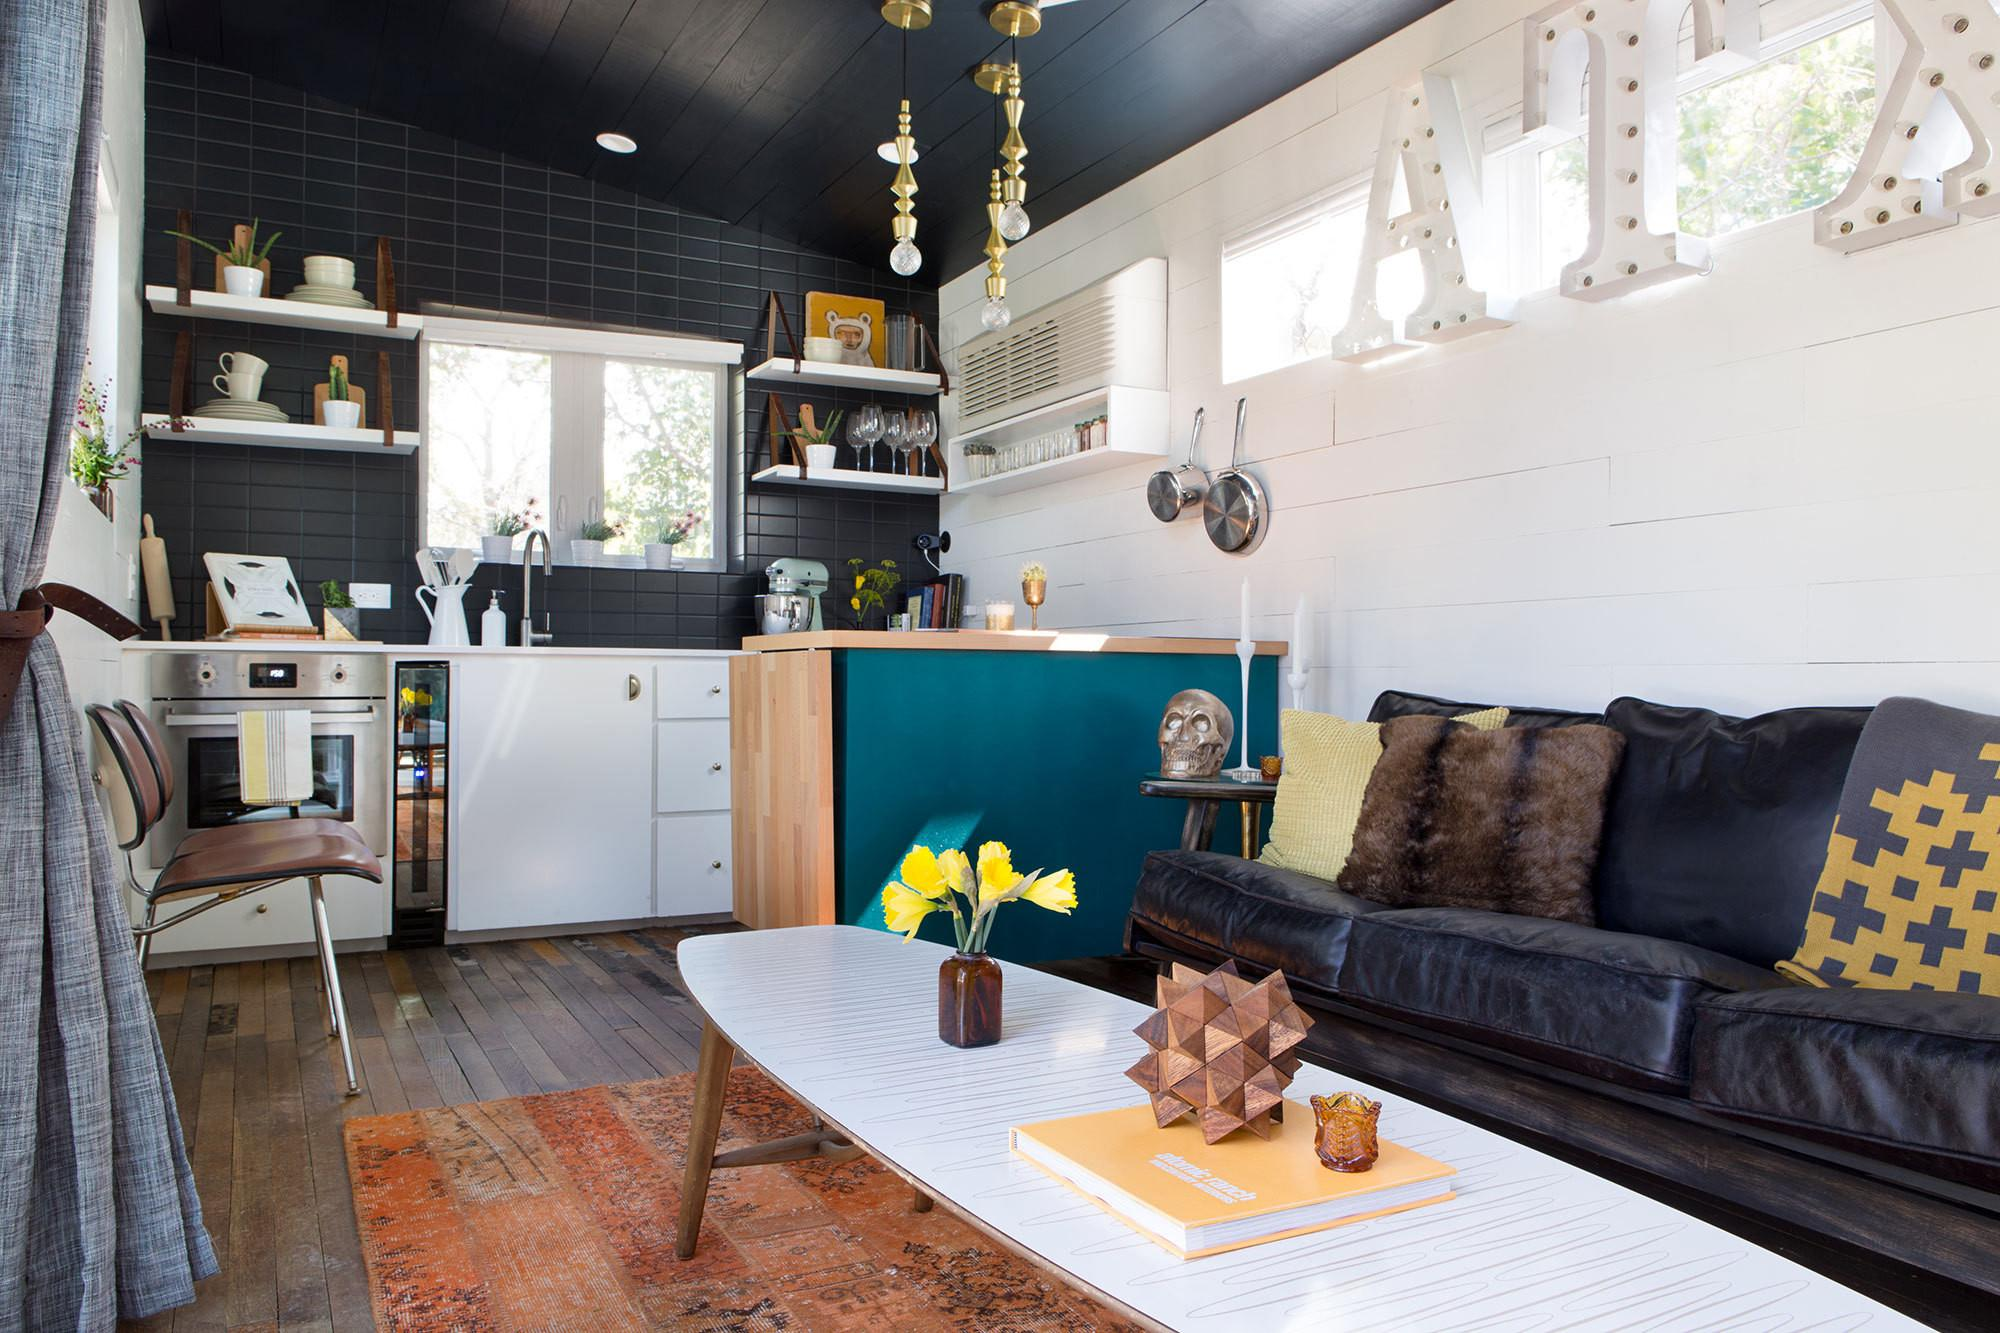 Apartamentos decorados veja decora es ao seu alcance - Interior design for small rooms efficient spaces ...